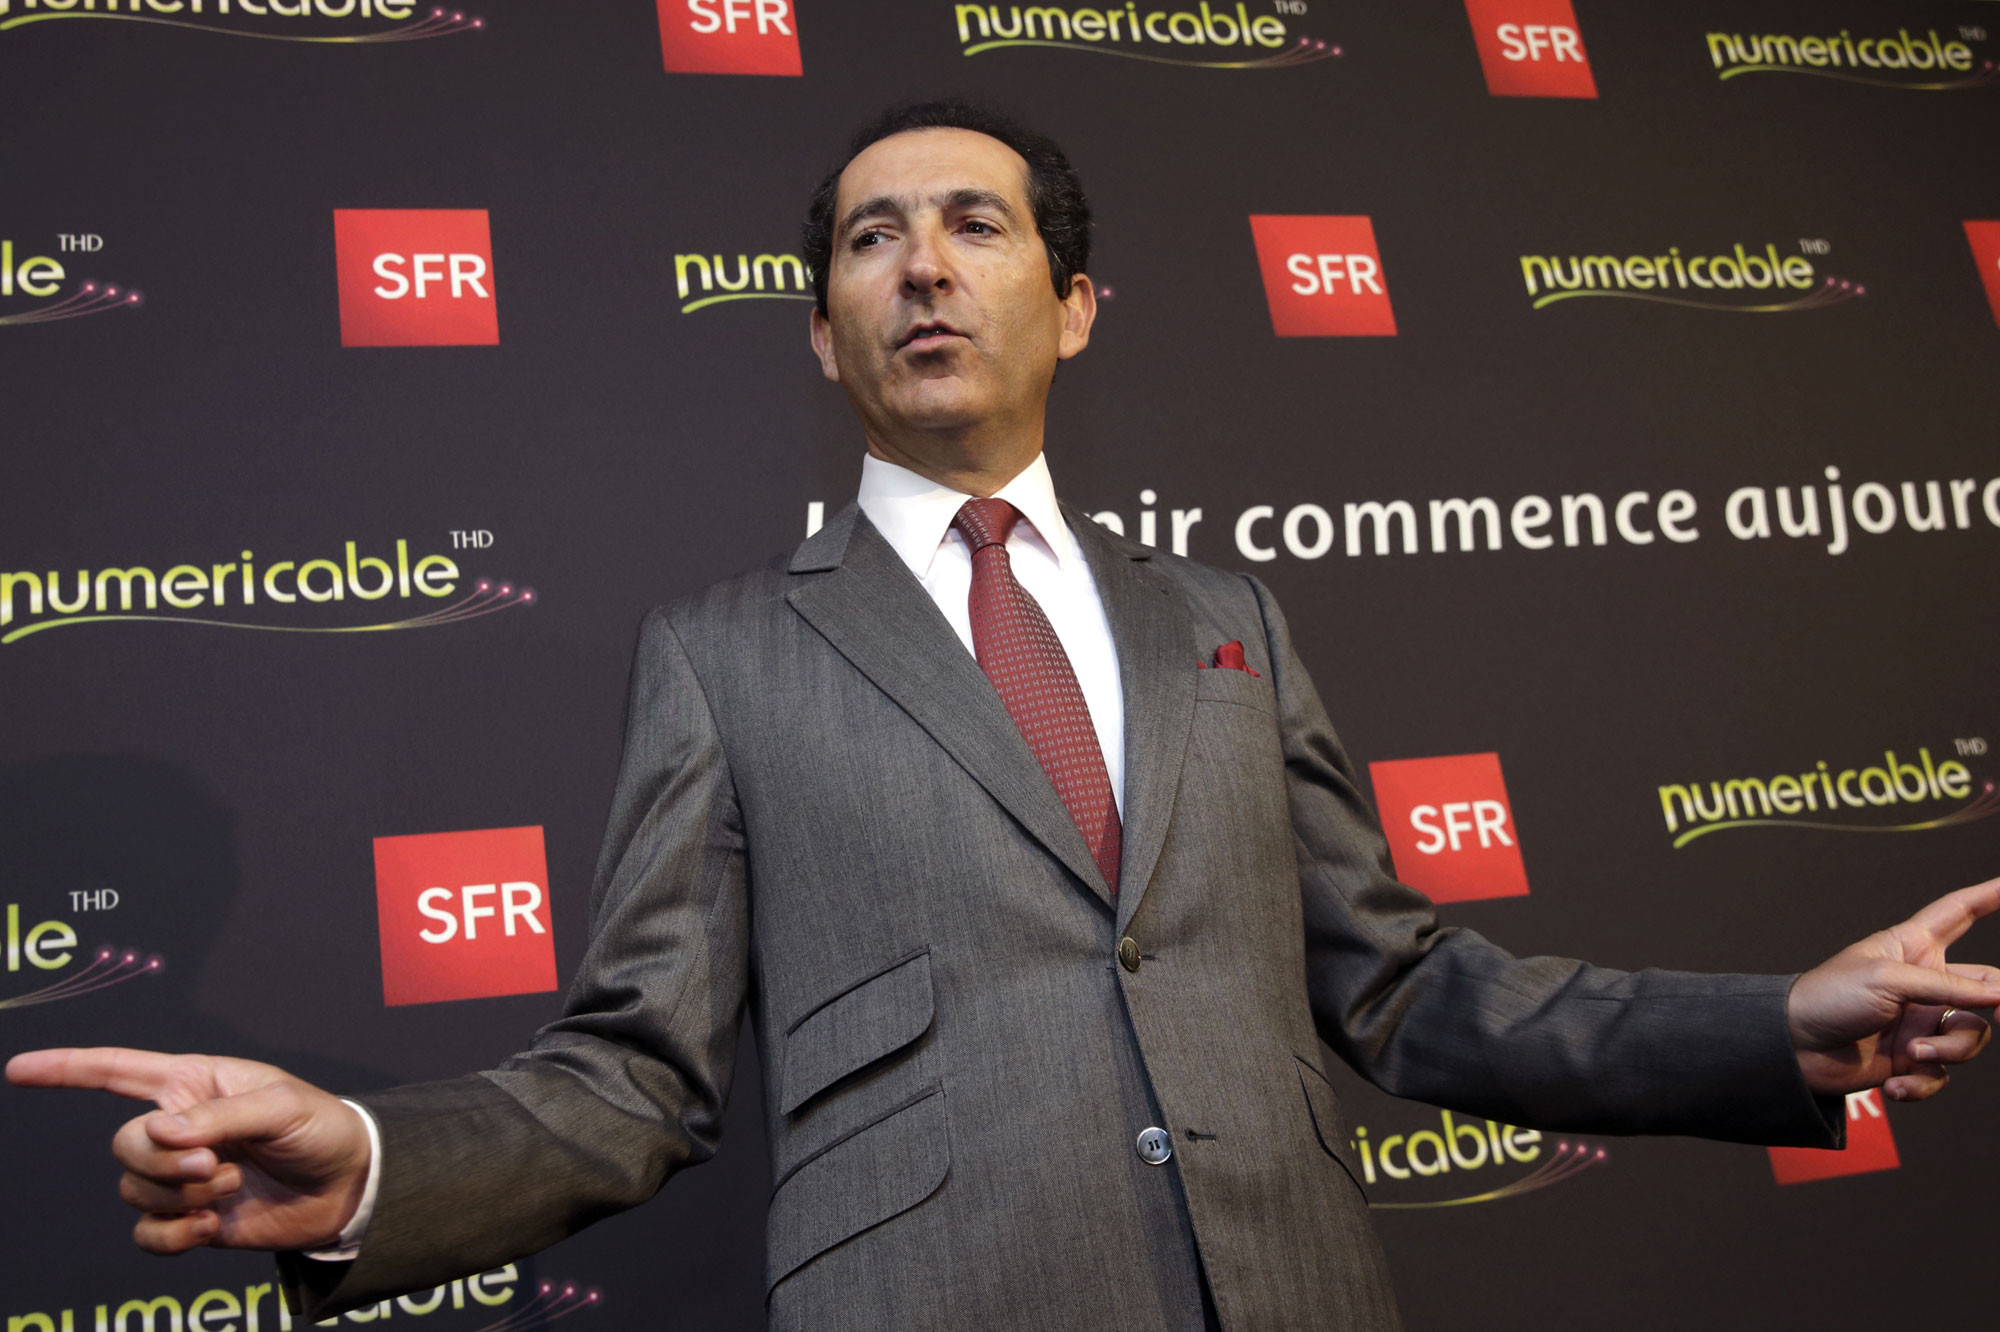 SFR acquiert 100% de Covage pour une valeur de 1 milliard d'euros